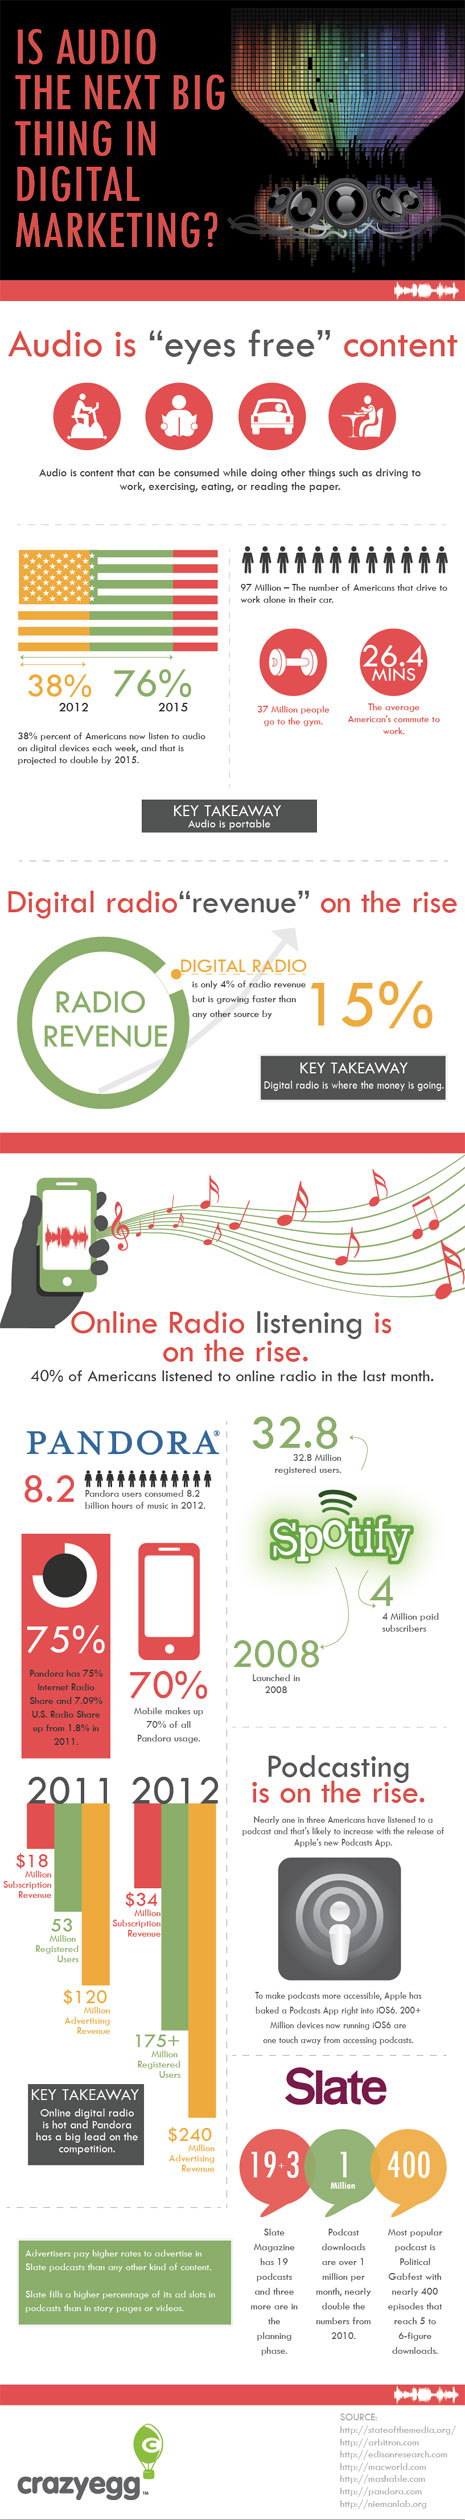 ¿Vendrá la próxima gran revolución en el marketing digital de la mano del audio?